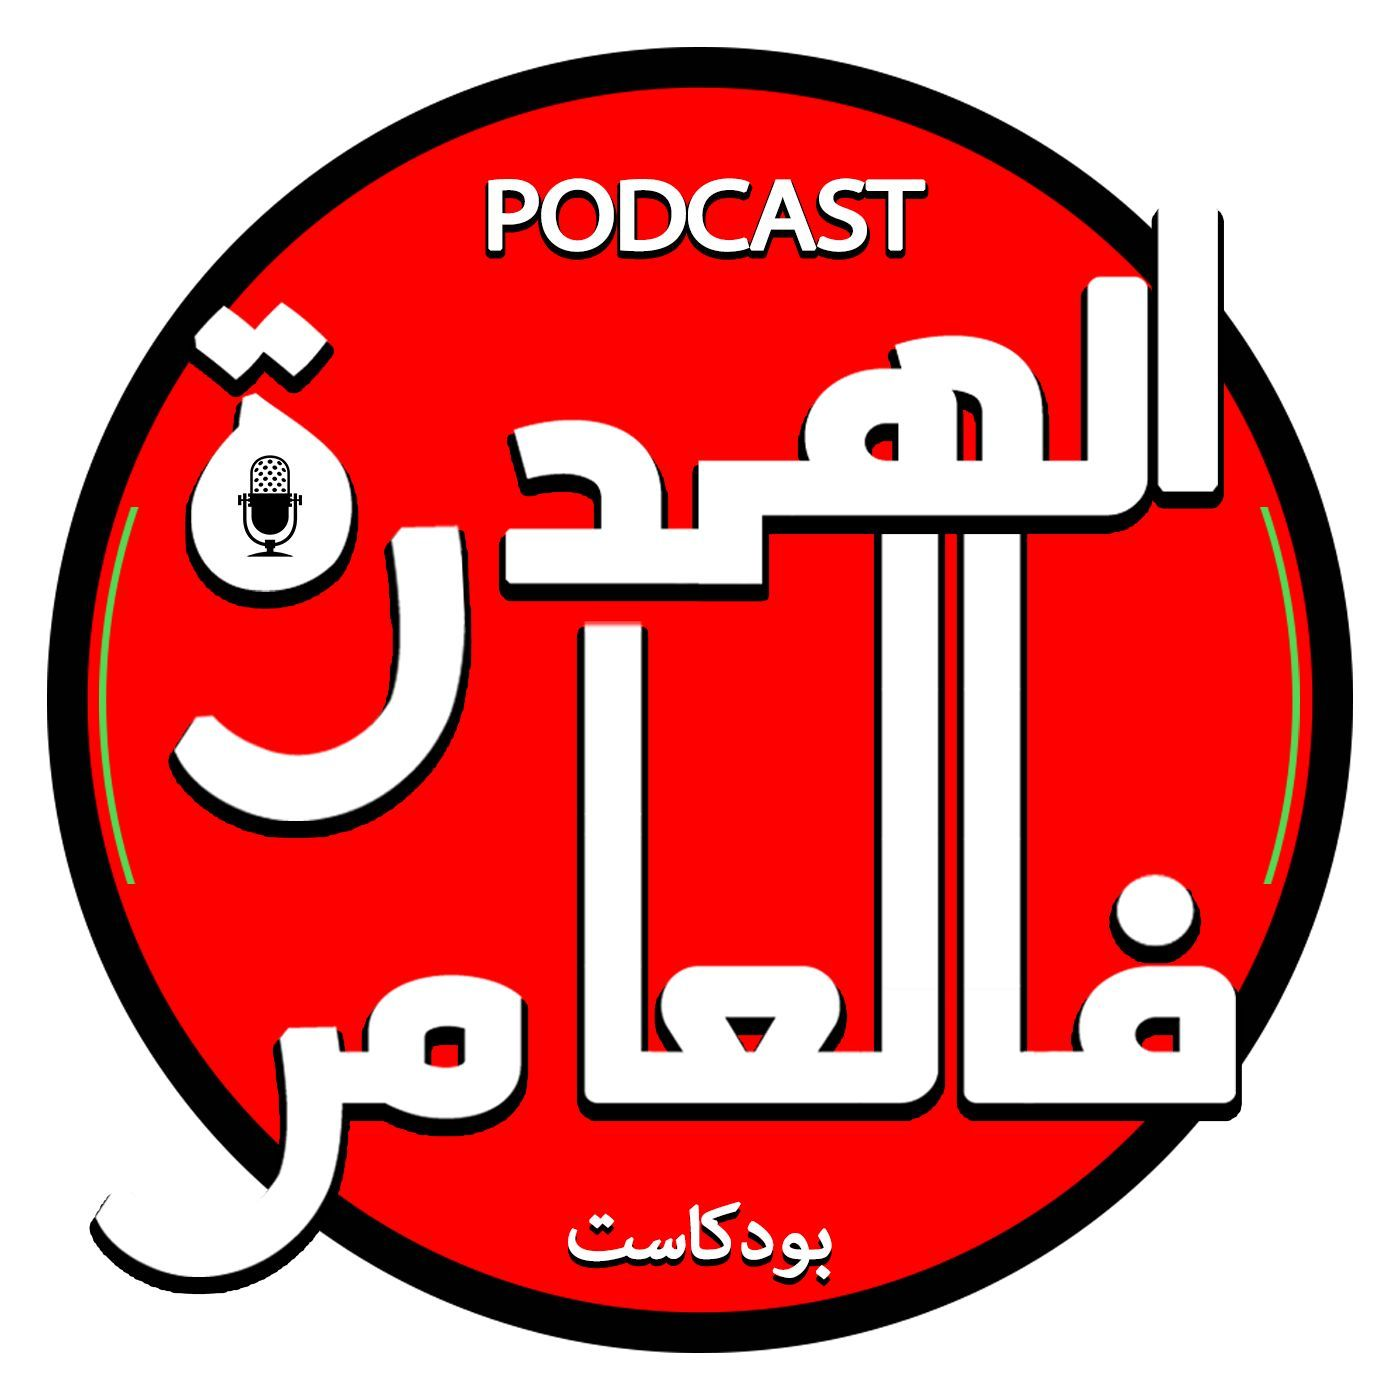 Kifash o3lash dar Djebli Club ! m3a Allae Hammioui